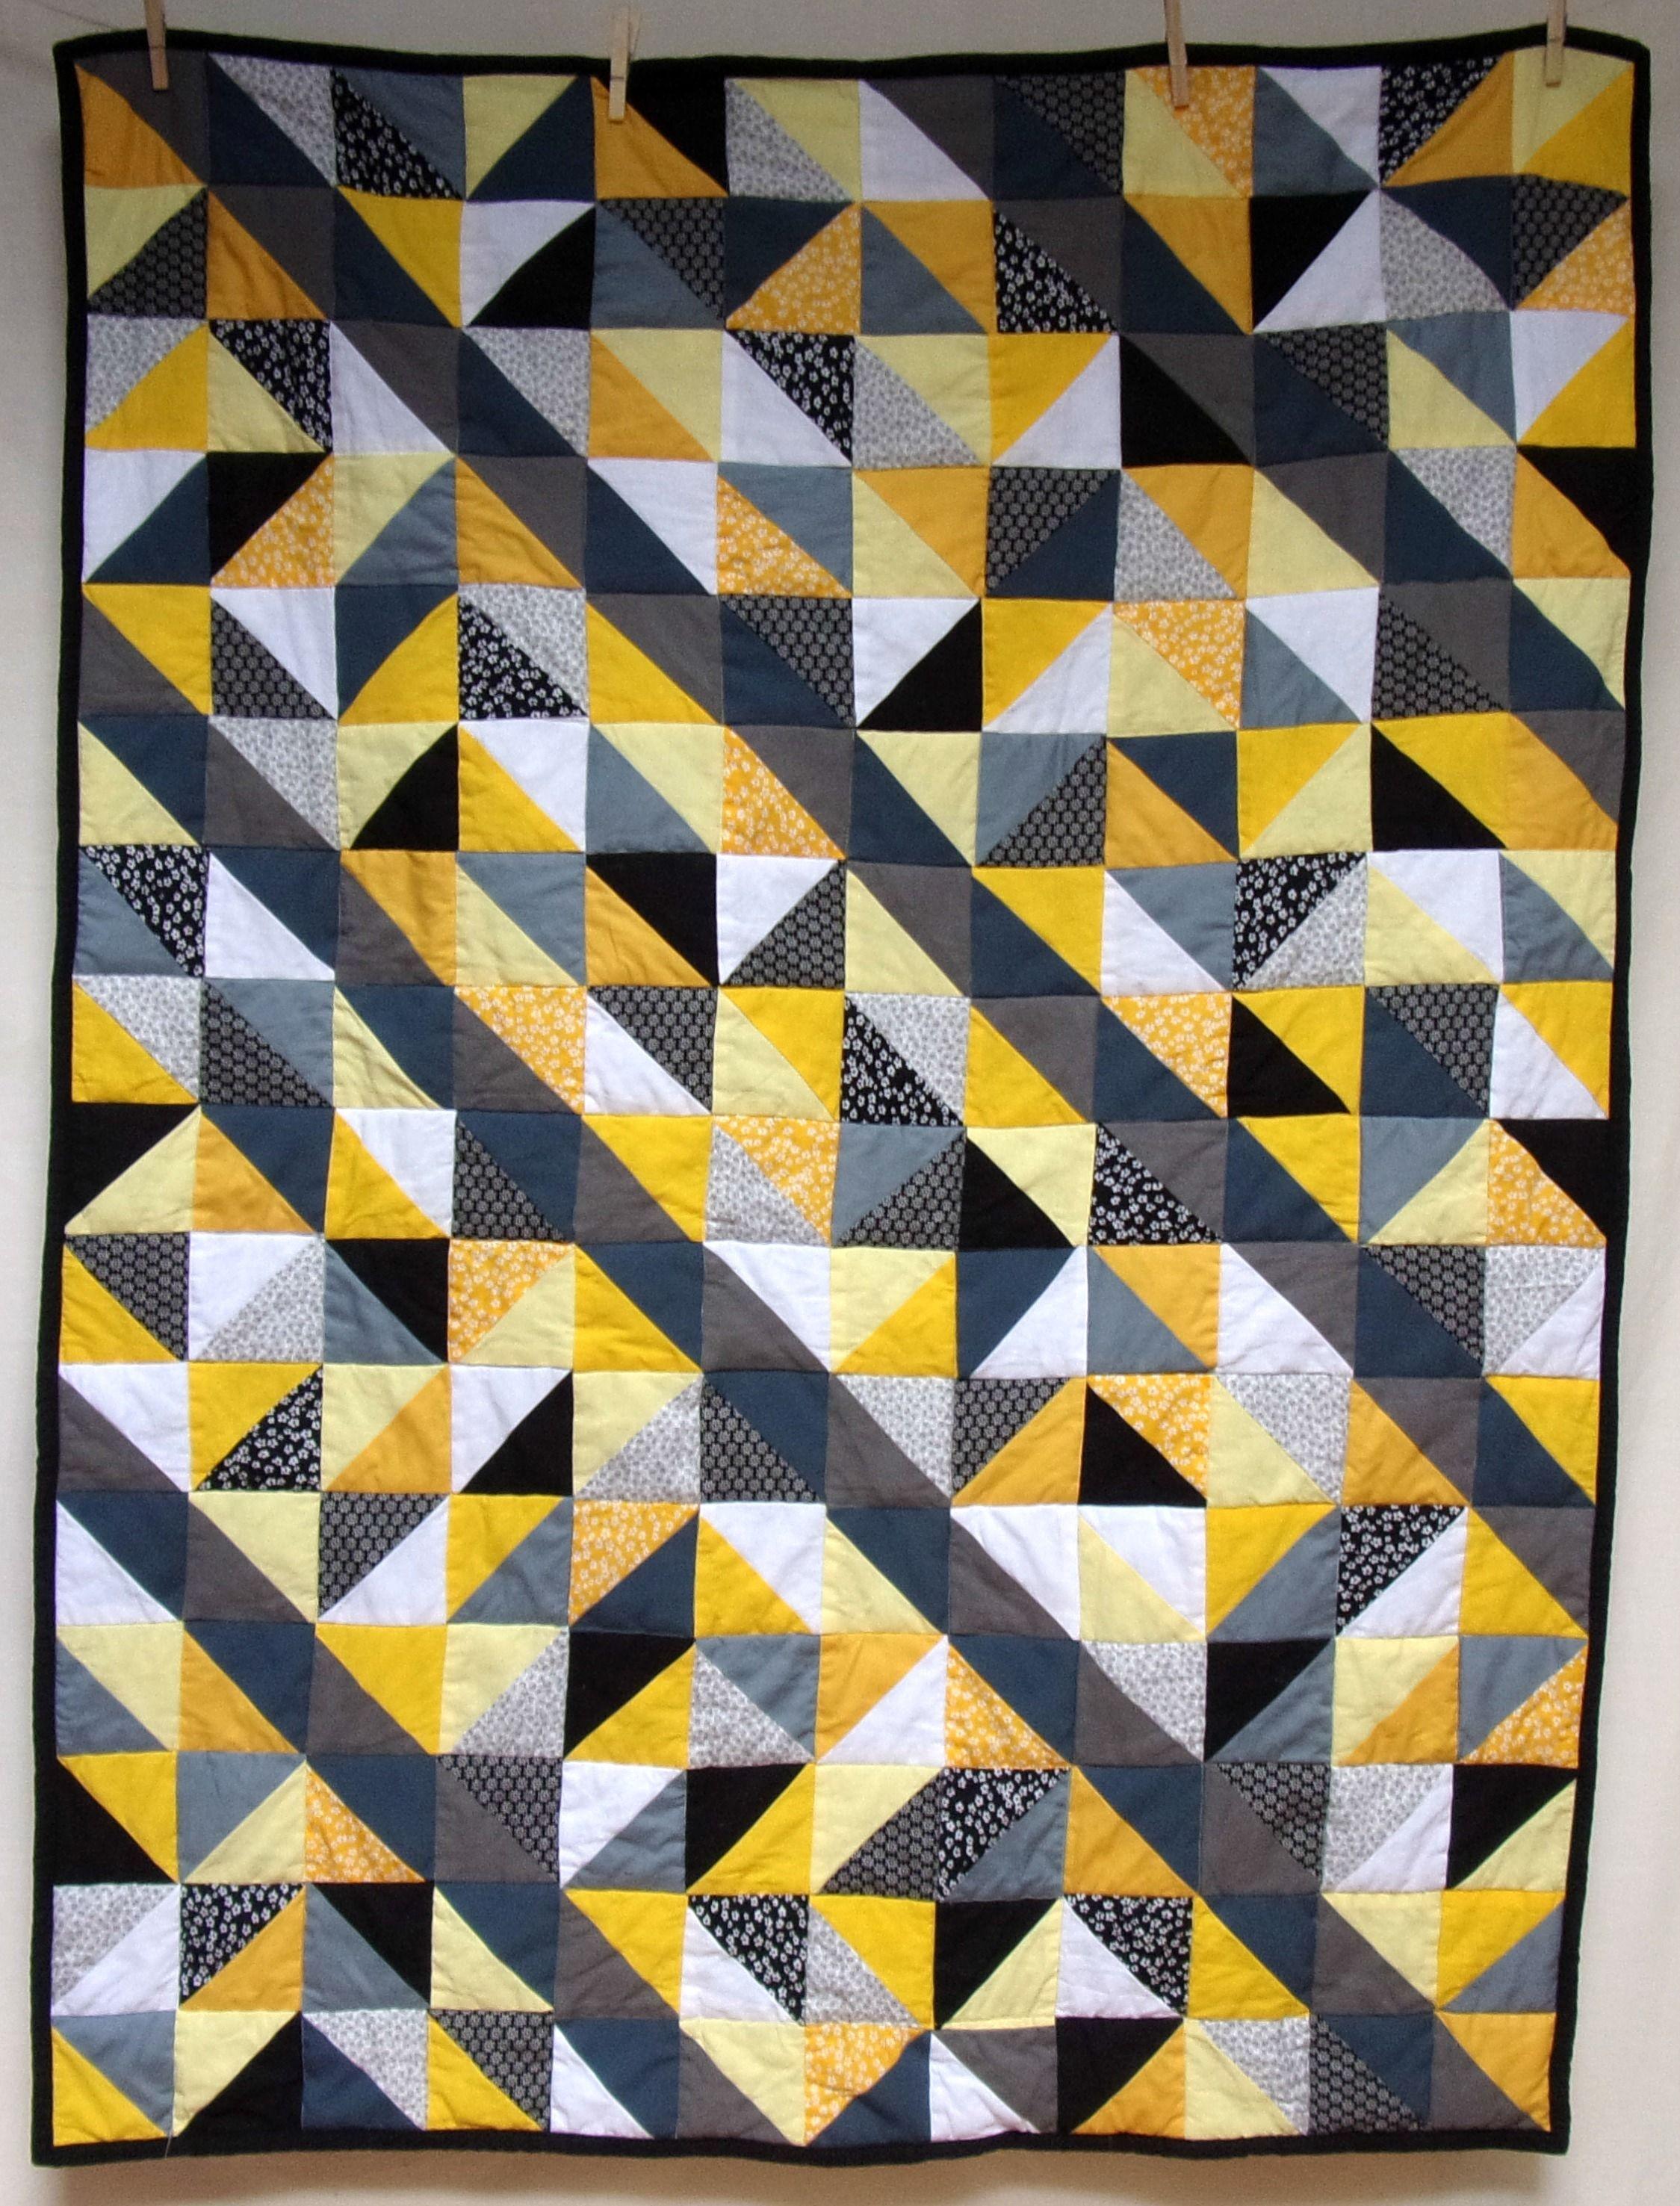 plaid patchwork jaune gris et noir d co graphique kicoud cr ations plaid patchwork. Black Bedroom Furniture Sets. Home Design Ideas